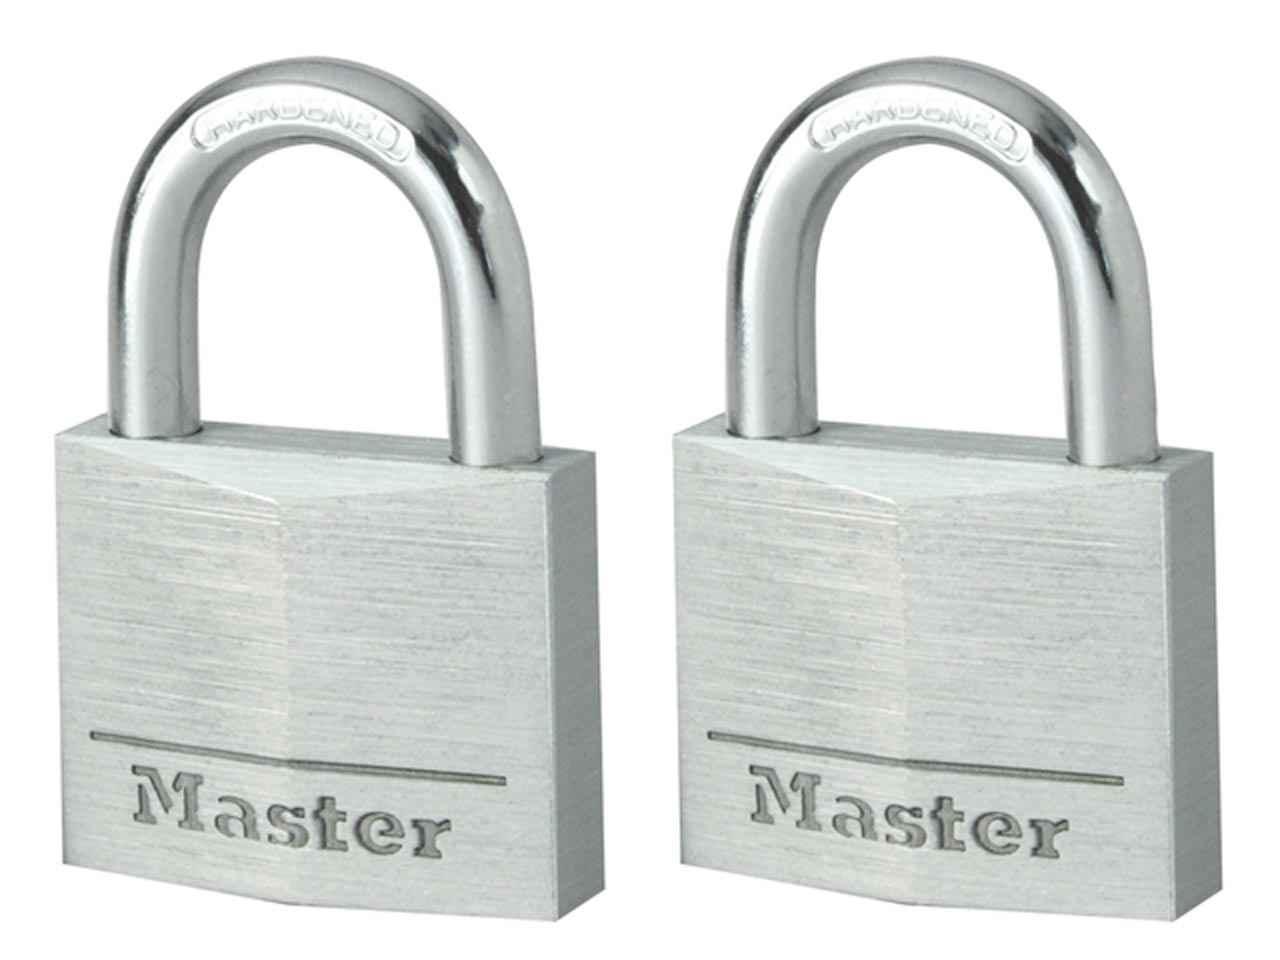 Masterlock 9140EURTBLK Aluminium Black 40mm Padlock Keyed Alike x 2